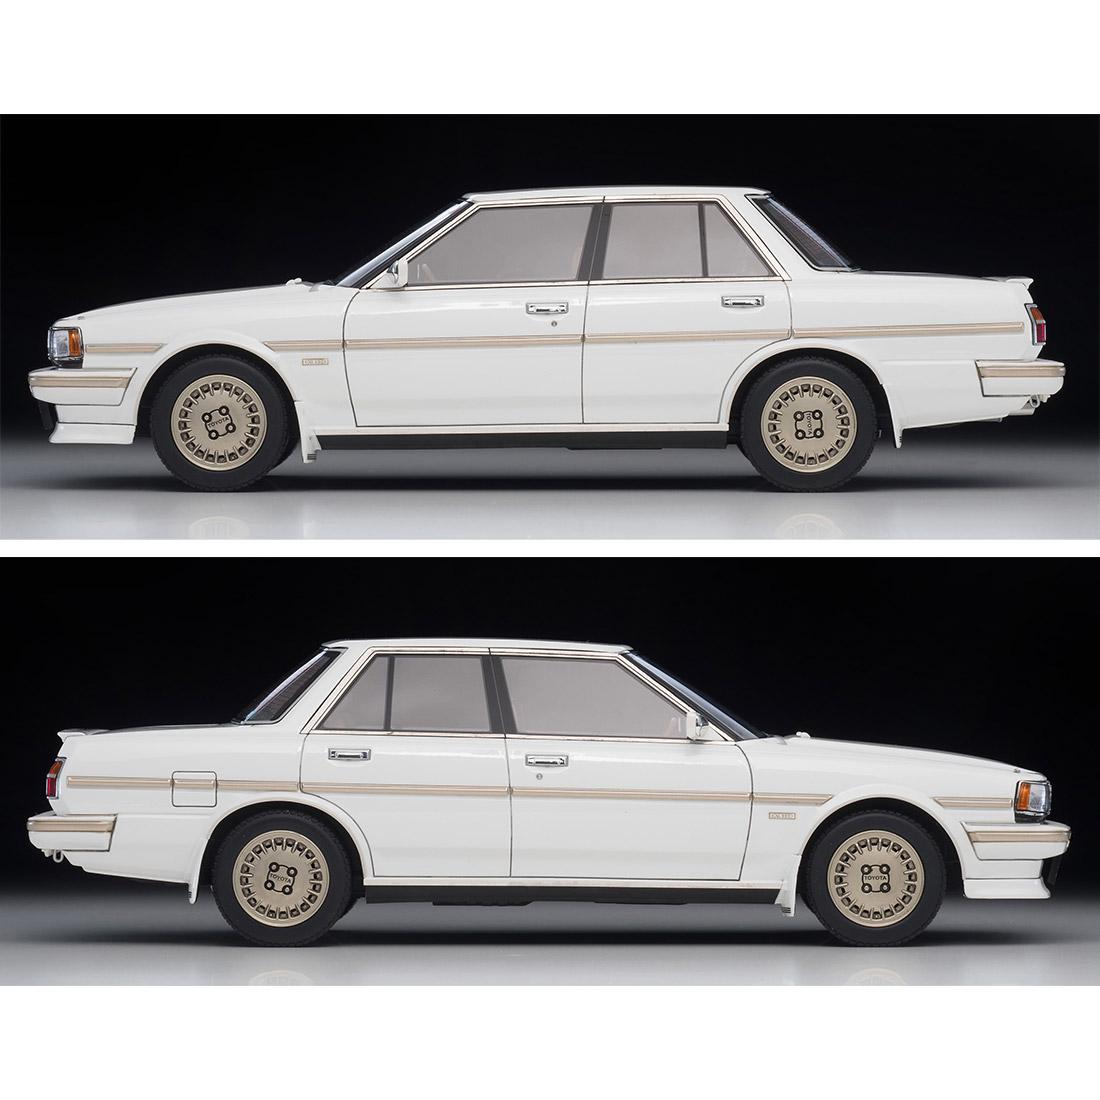 イグニッションモデル×トミーテック T-IG1809『クレスタ スーパールーセント エクシード(パールホワイト)』1/18 ミニカー-006